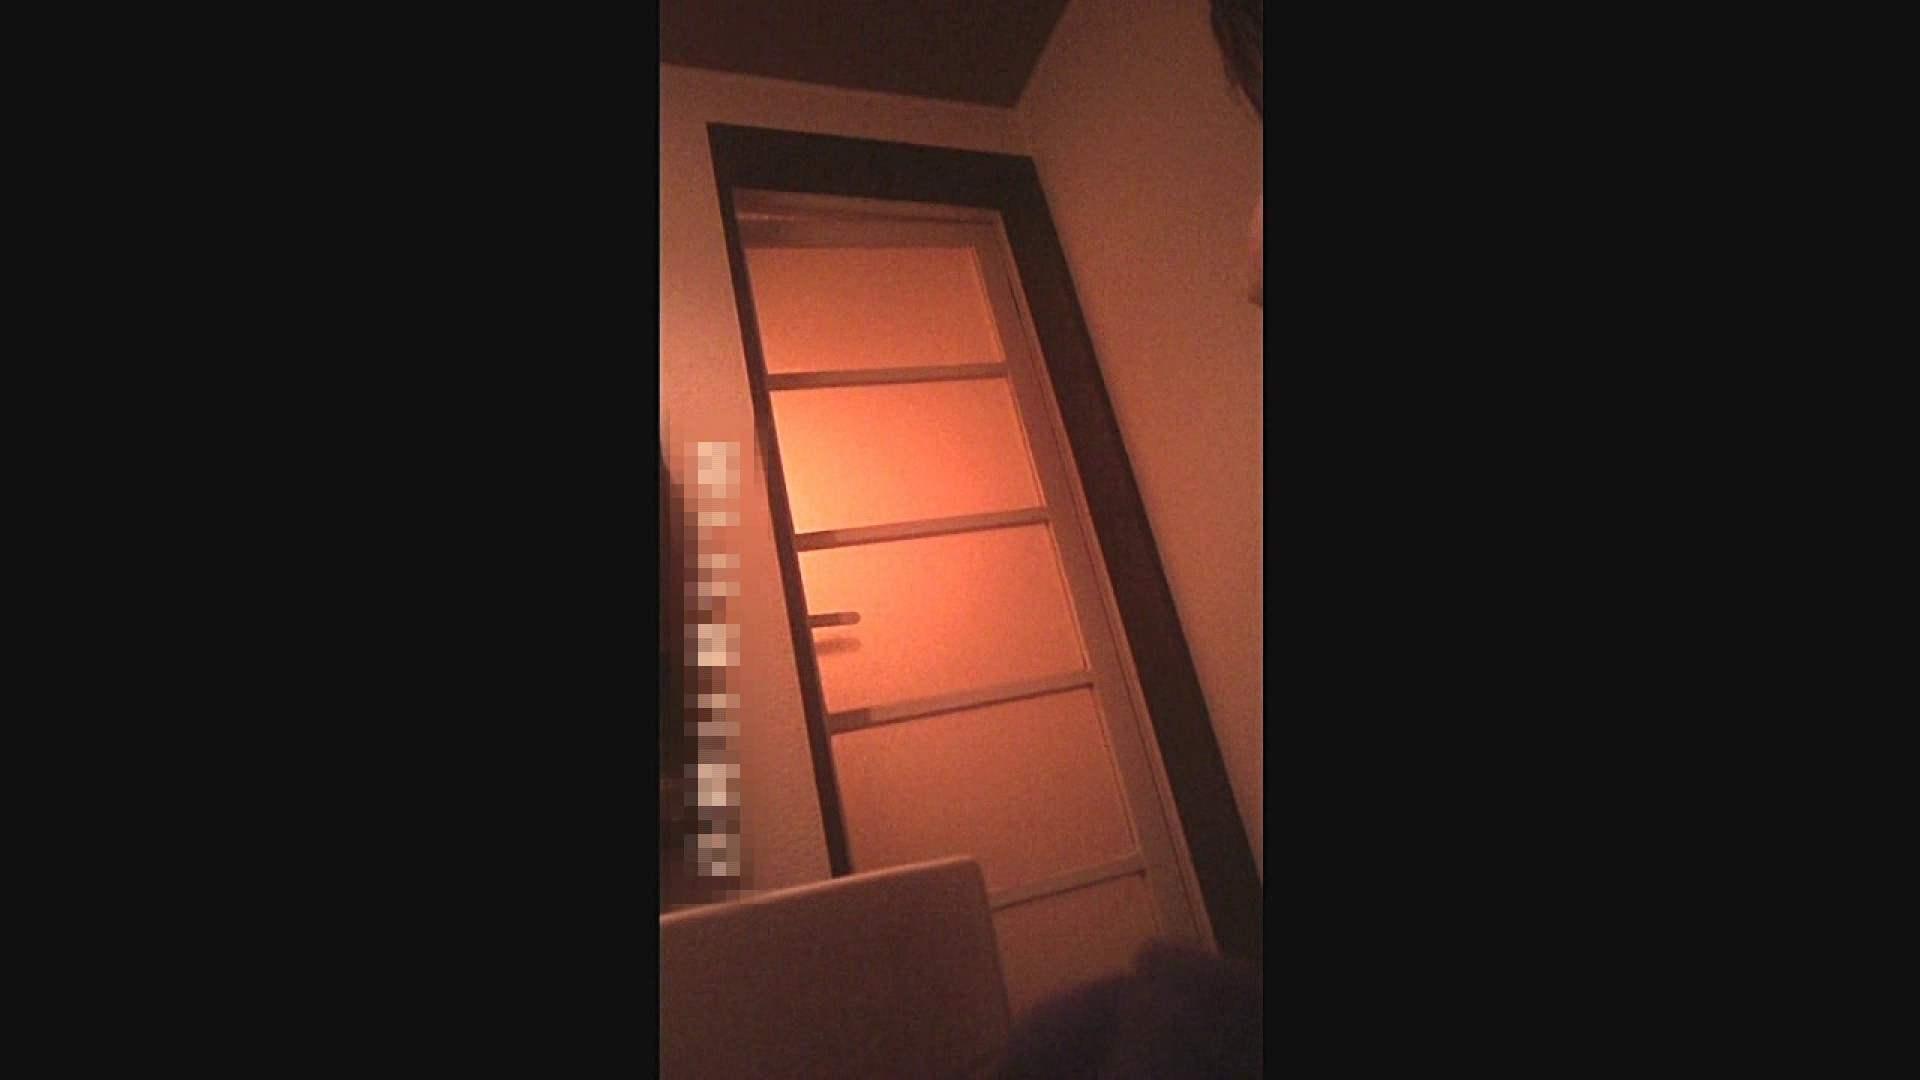 エロ動画:(再)禁断、家庭教のおしえ子 (シリーズⅡ)みほかちゃん Vol.21 脱衣編:怪盗ジョーカー